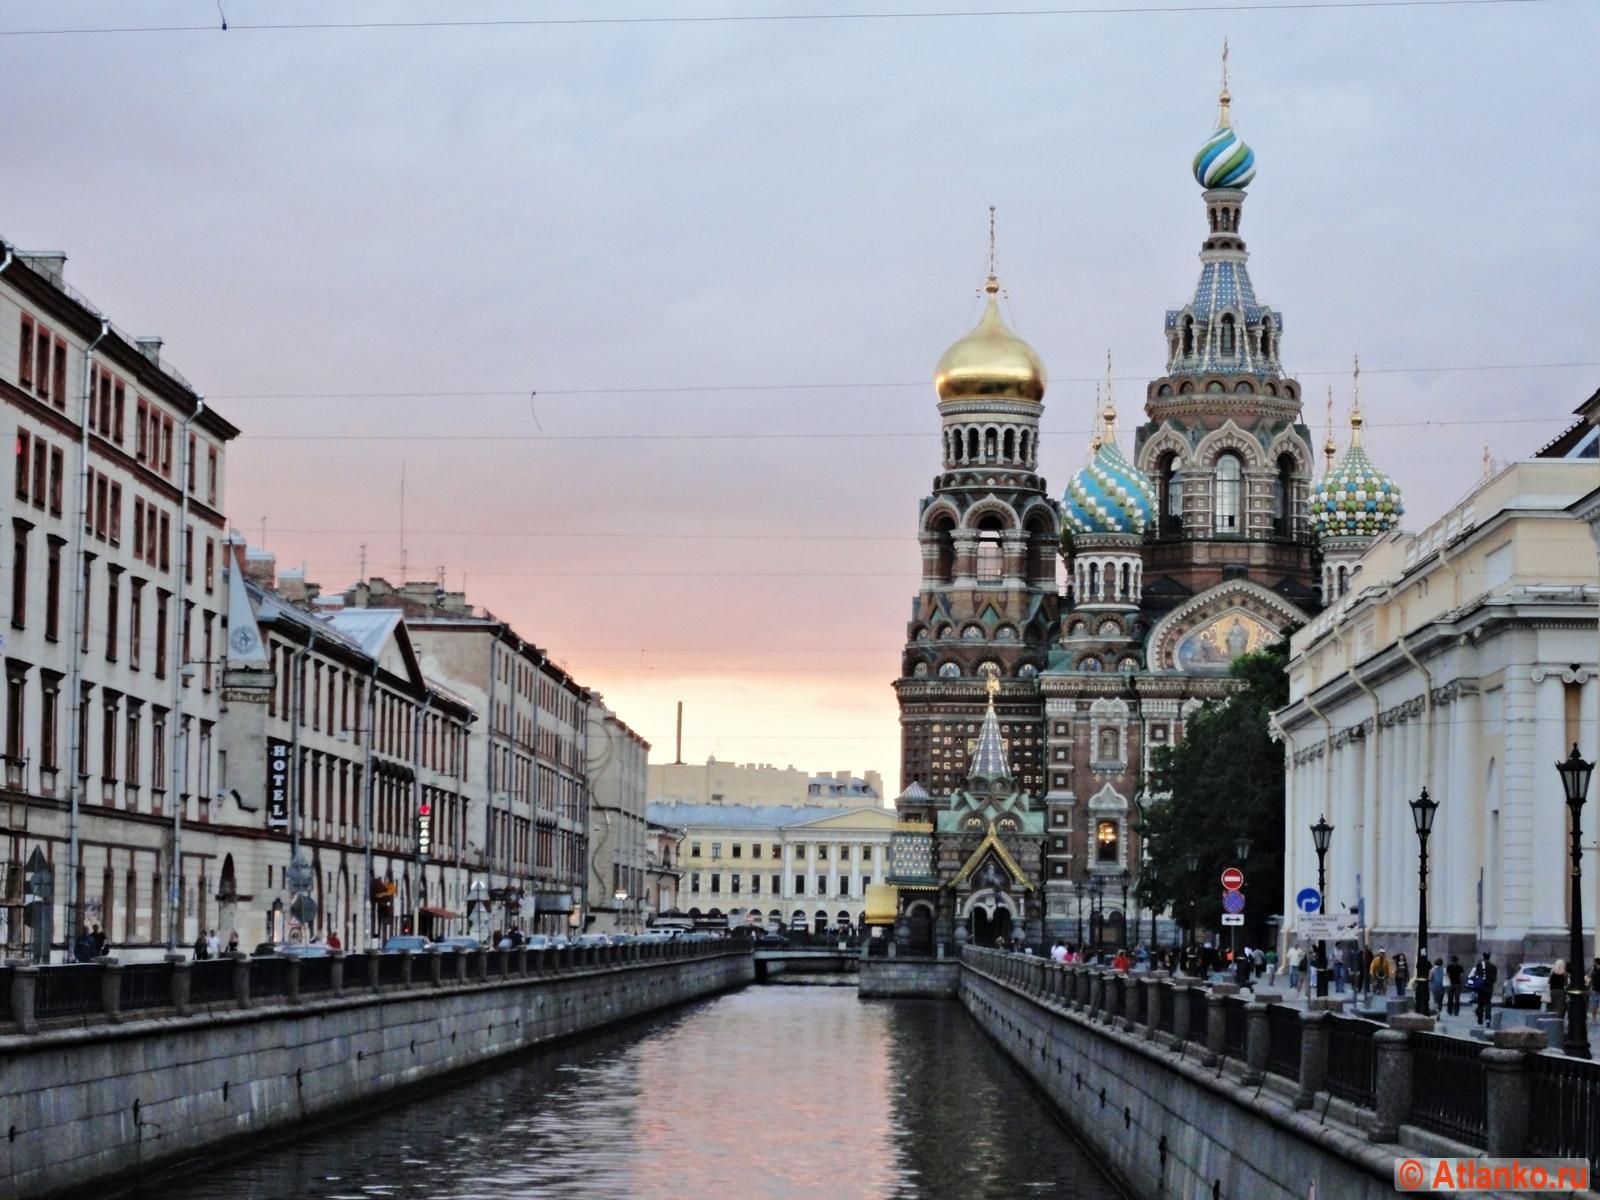 Храм Спаса-на-Крови (собор Воскресения Христова на Крови), набережная канала Грибоедова. Санкт-Петербург. Фотография